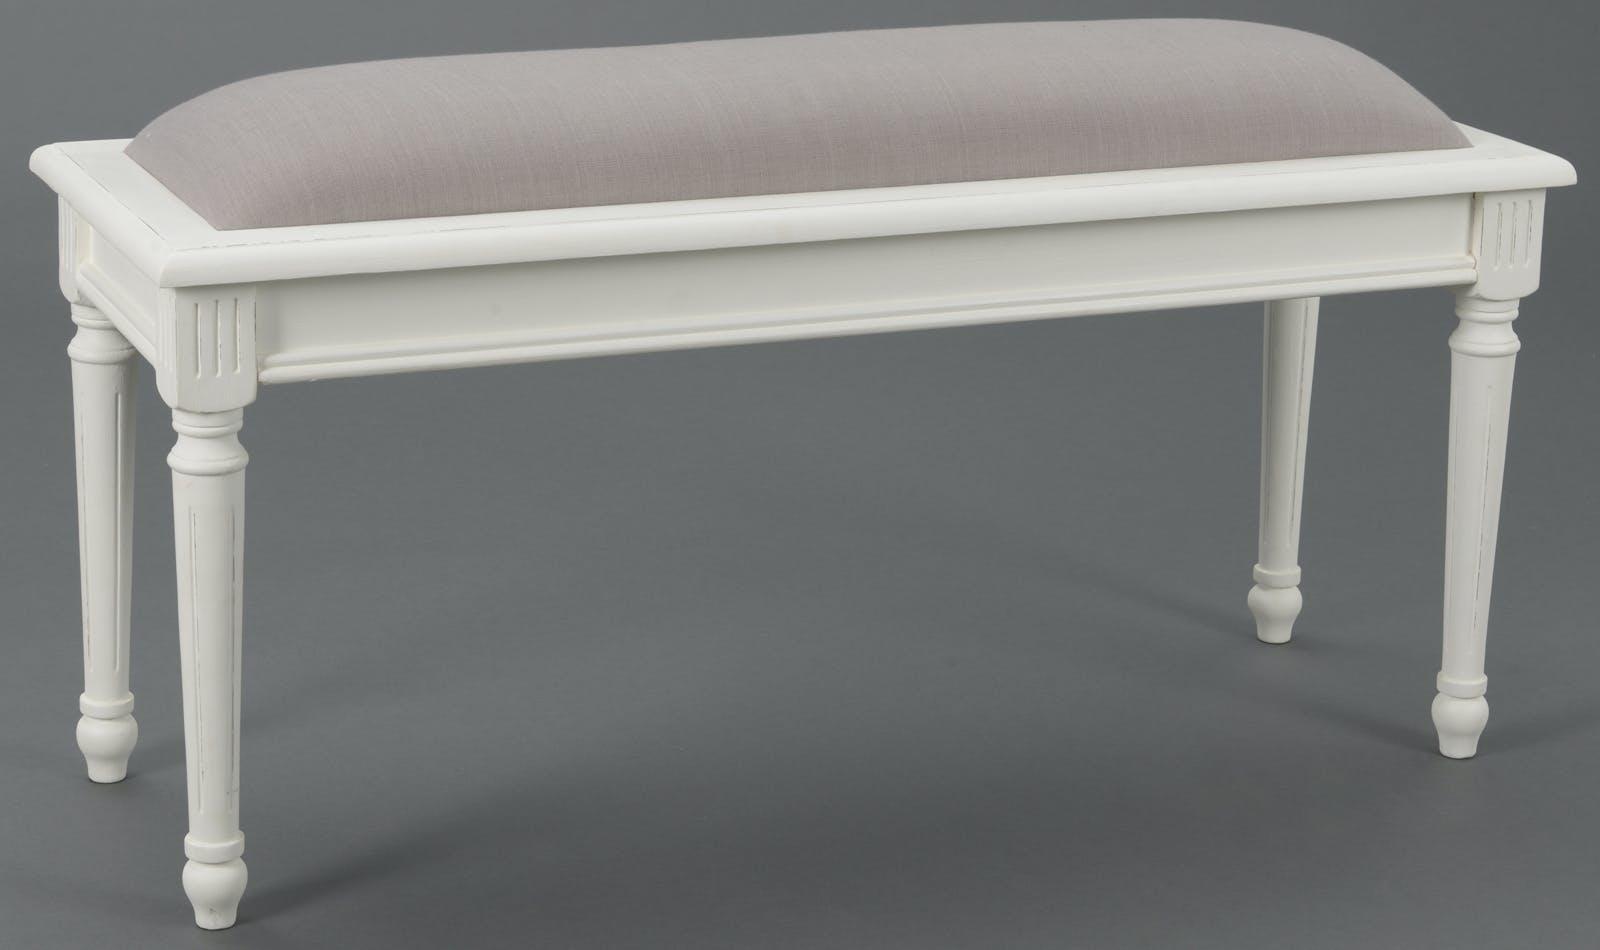 Bout de lit Classique Chic AGATHE Long 100 X Larg 35 X H 45 Blanc Antique AMADEUS